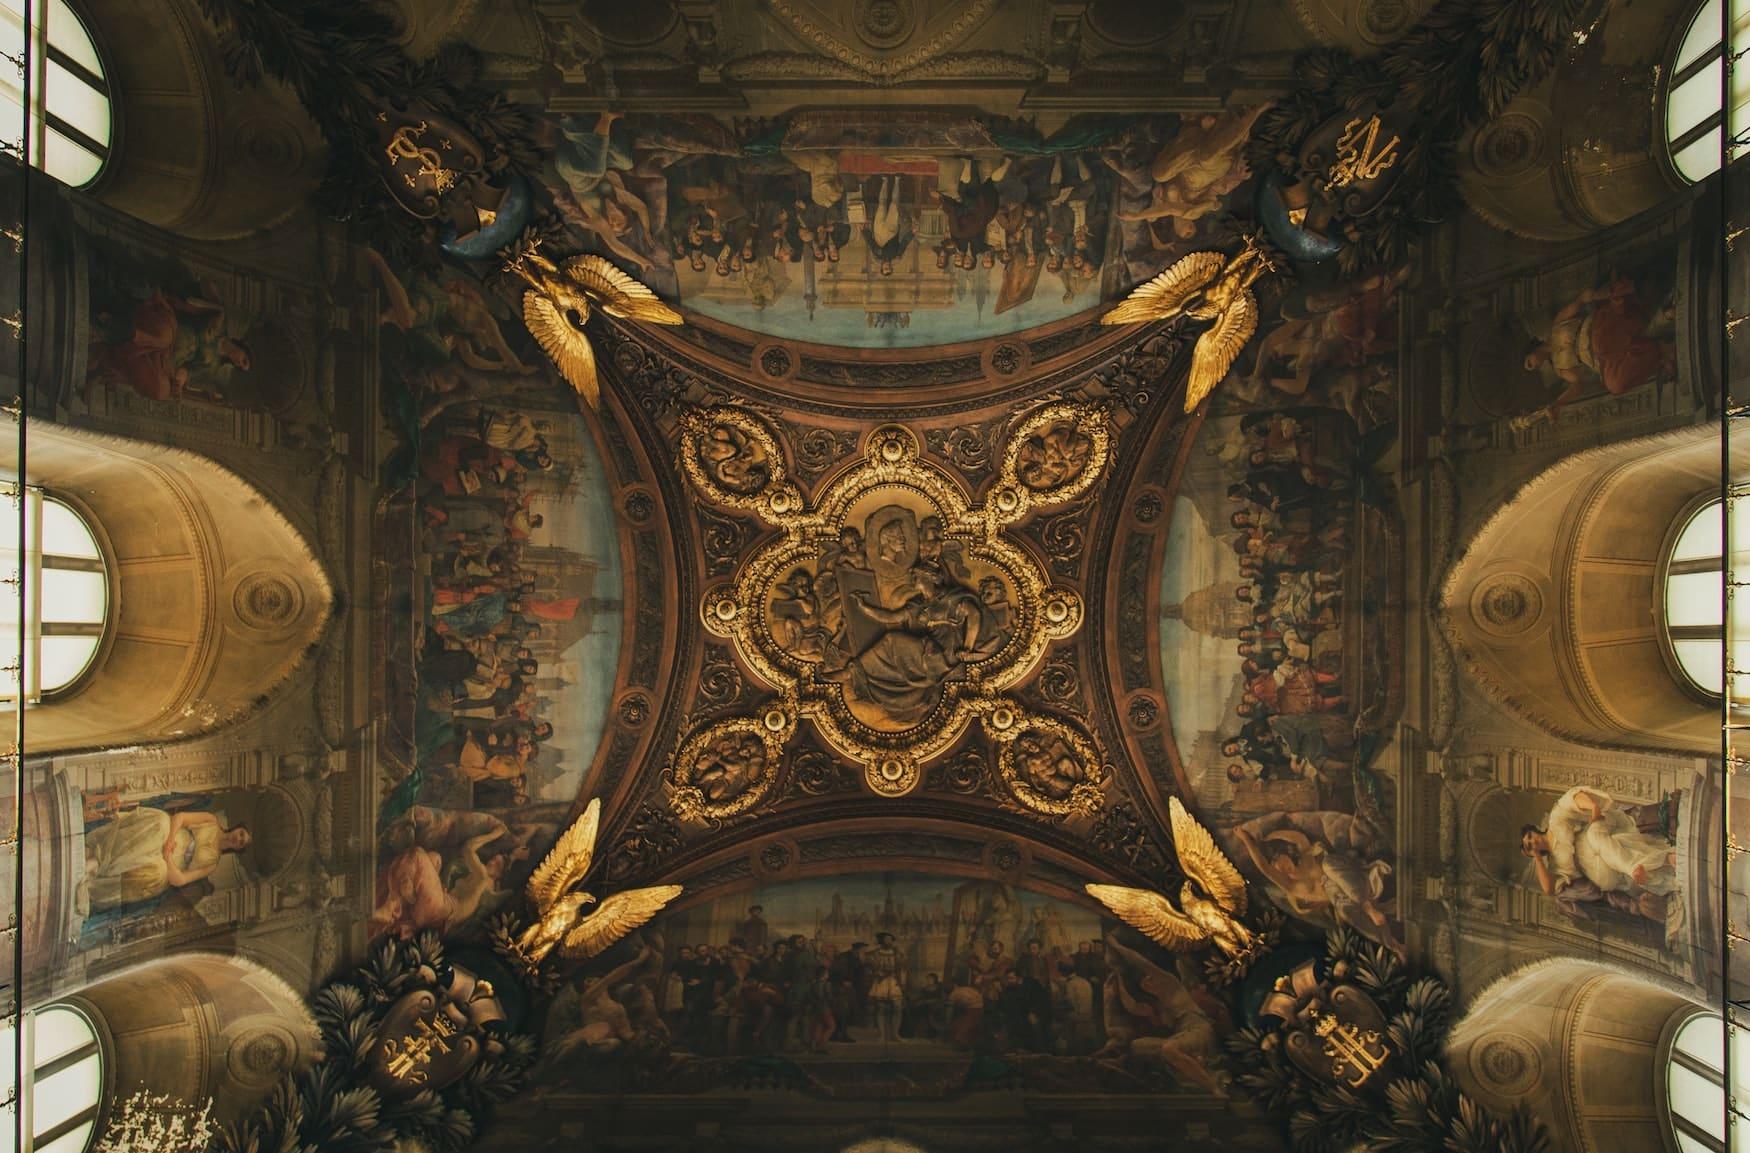 Deckengemälde im Louvre in Paris